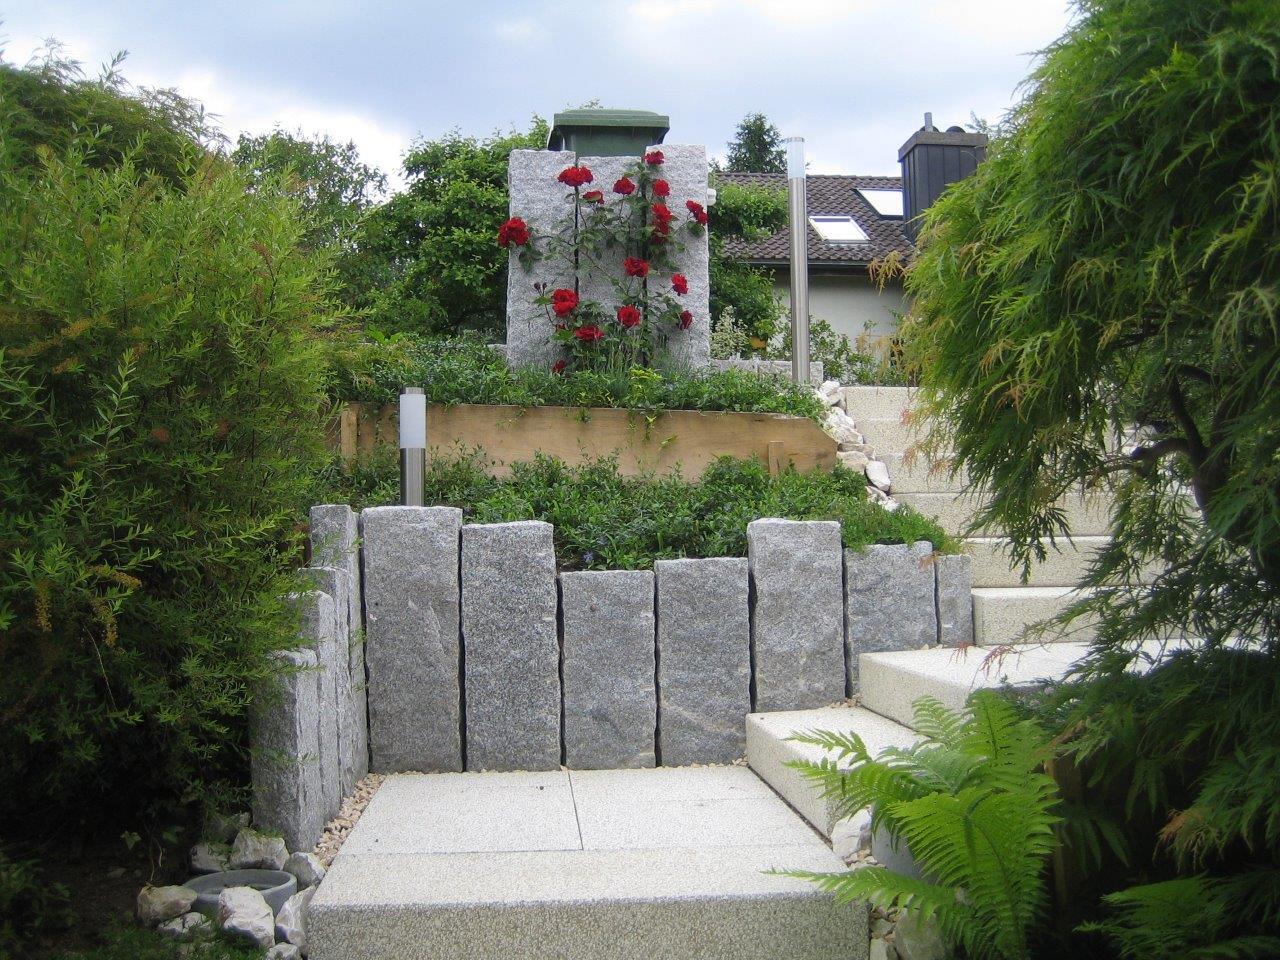 Neugestaltung Eingangsbereich: Hangabschluss mit Granitstelen, Gartenplatten und Blockstufen jurasplitt gelb